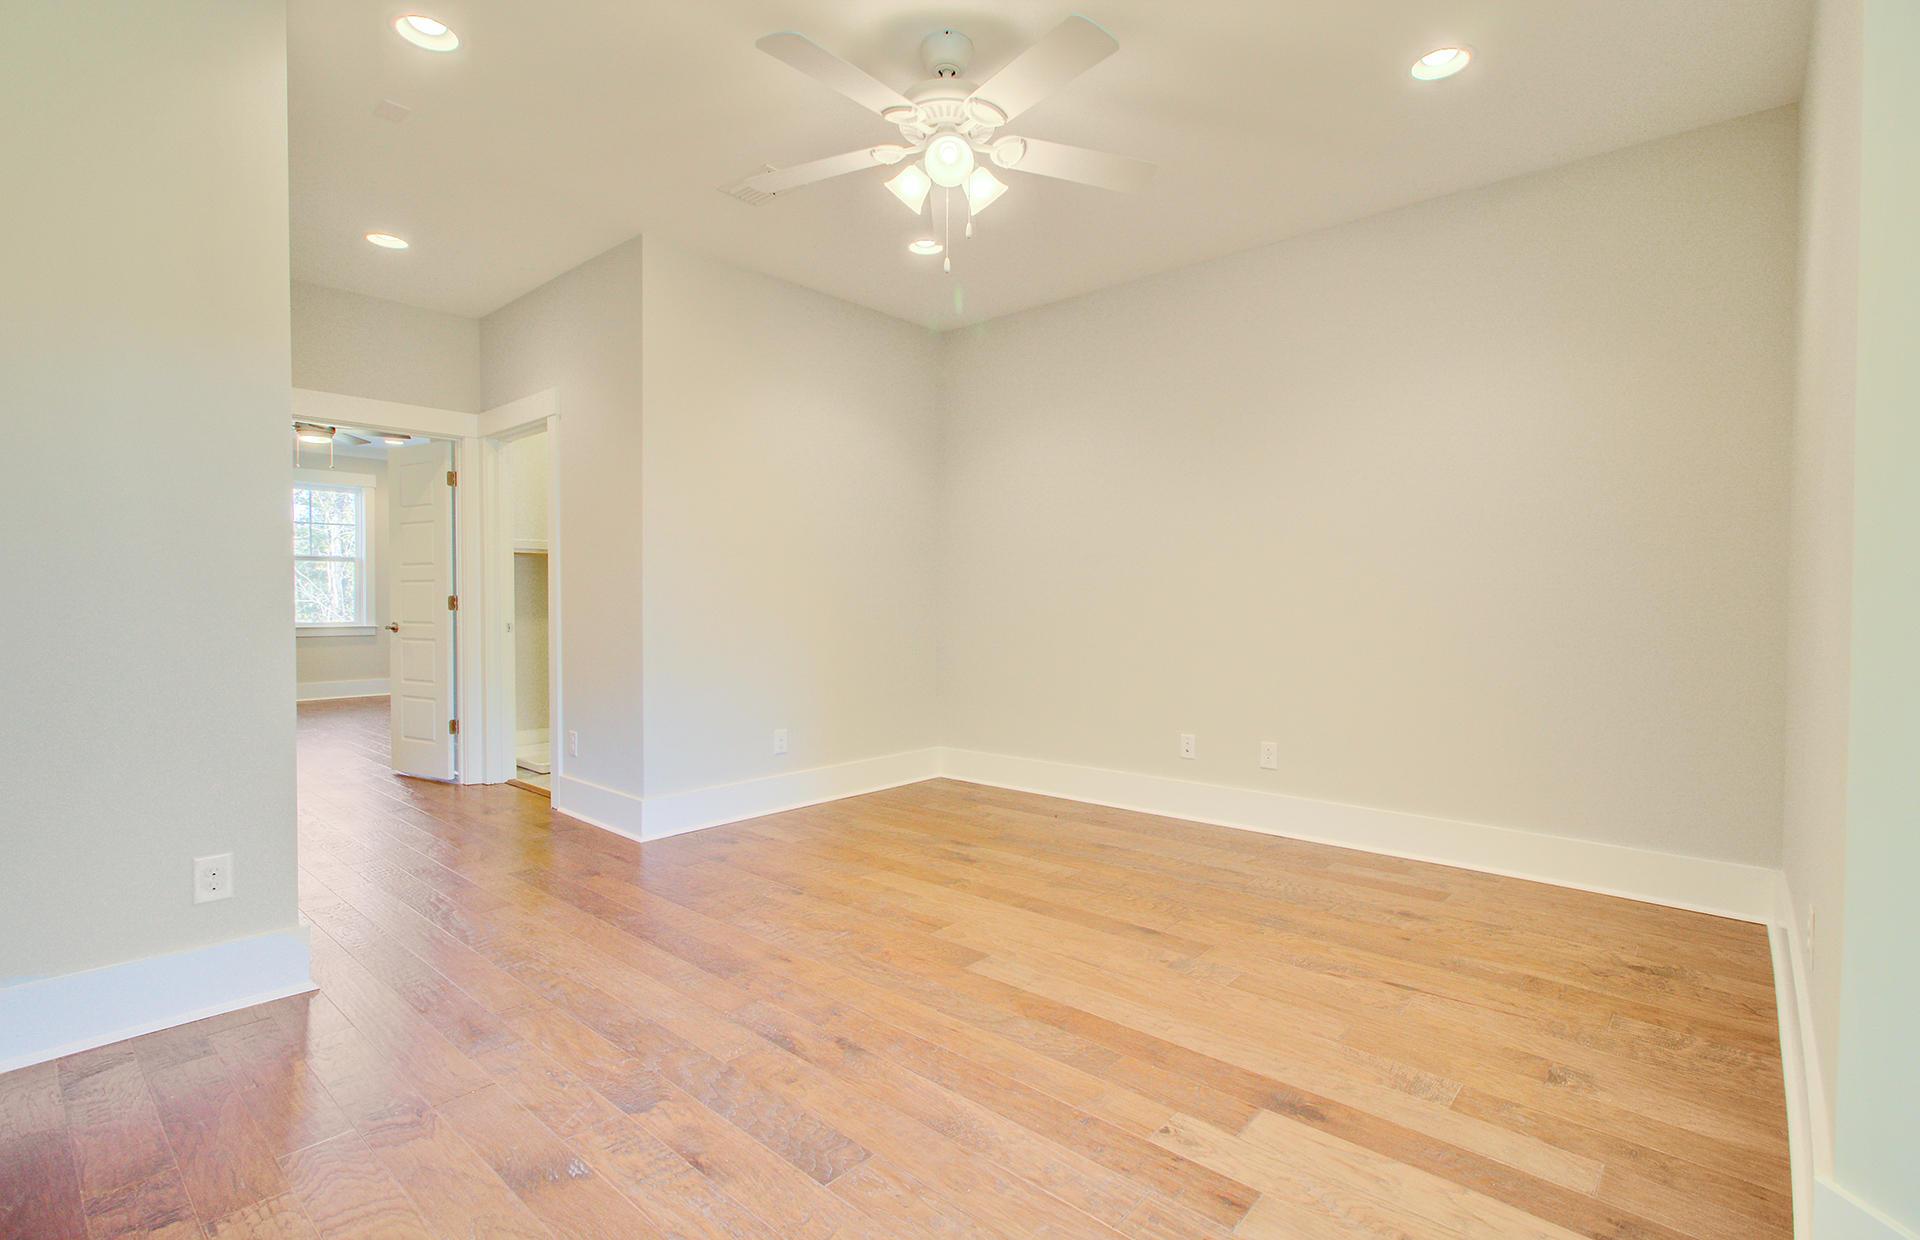 Dunes West Homes For Sale - 2416 Brackish, Mount Pleasant, SC - 3